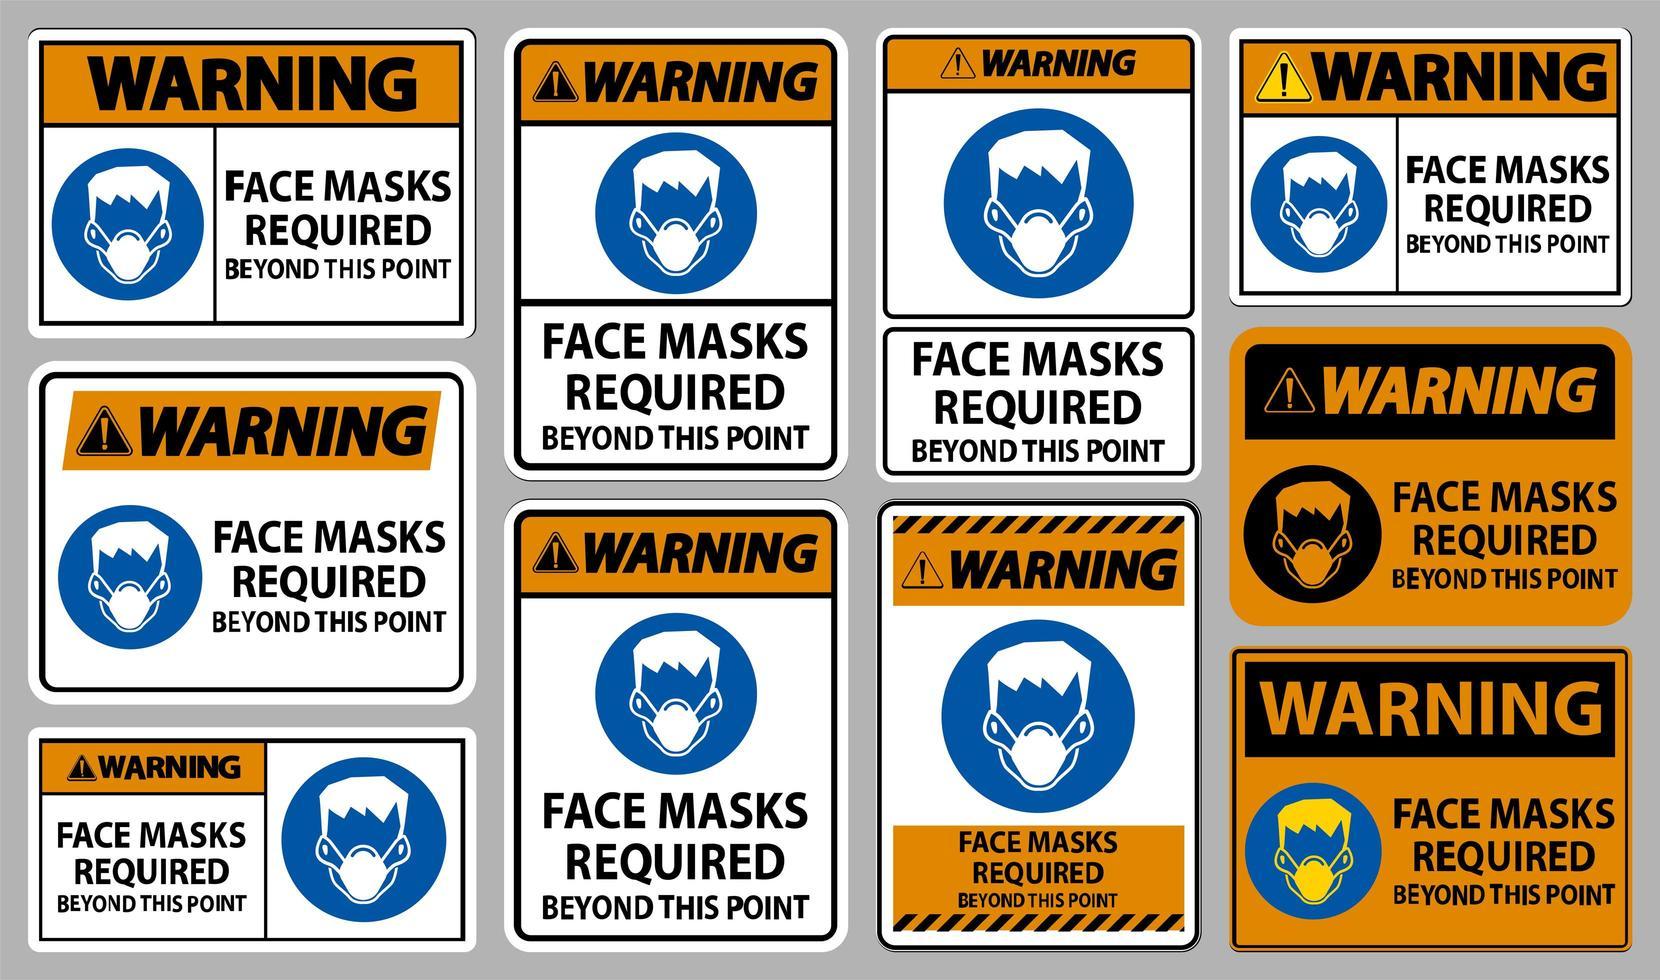 orange ansiktsmasker som krävs utöver denna punktteckenuppsättning vektor